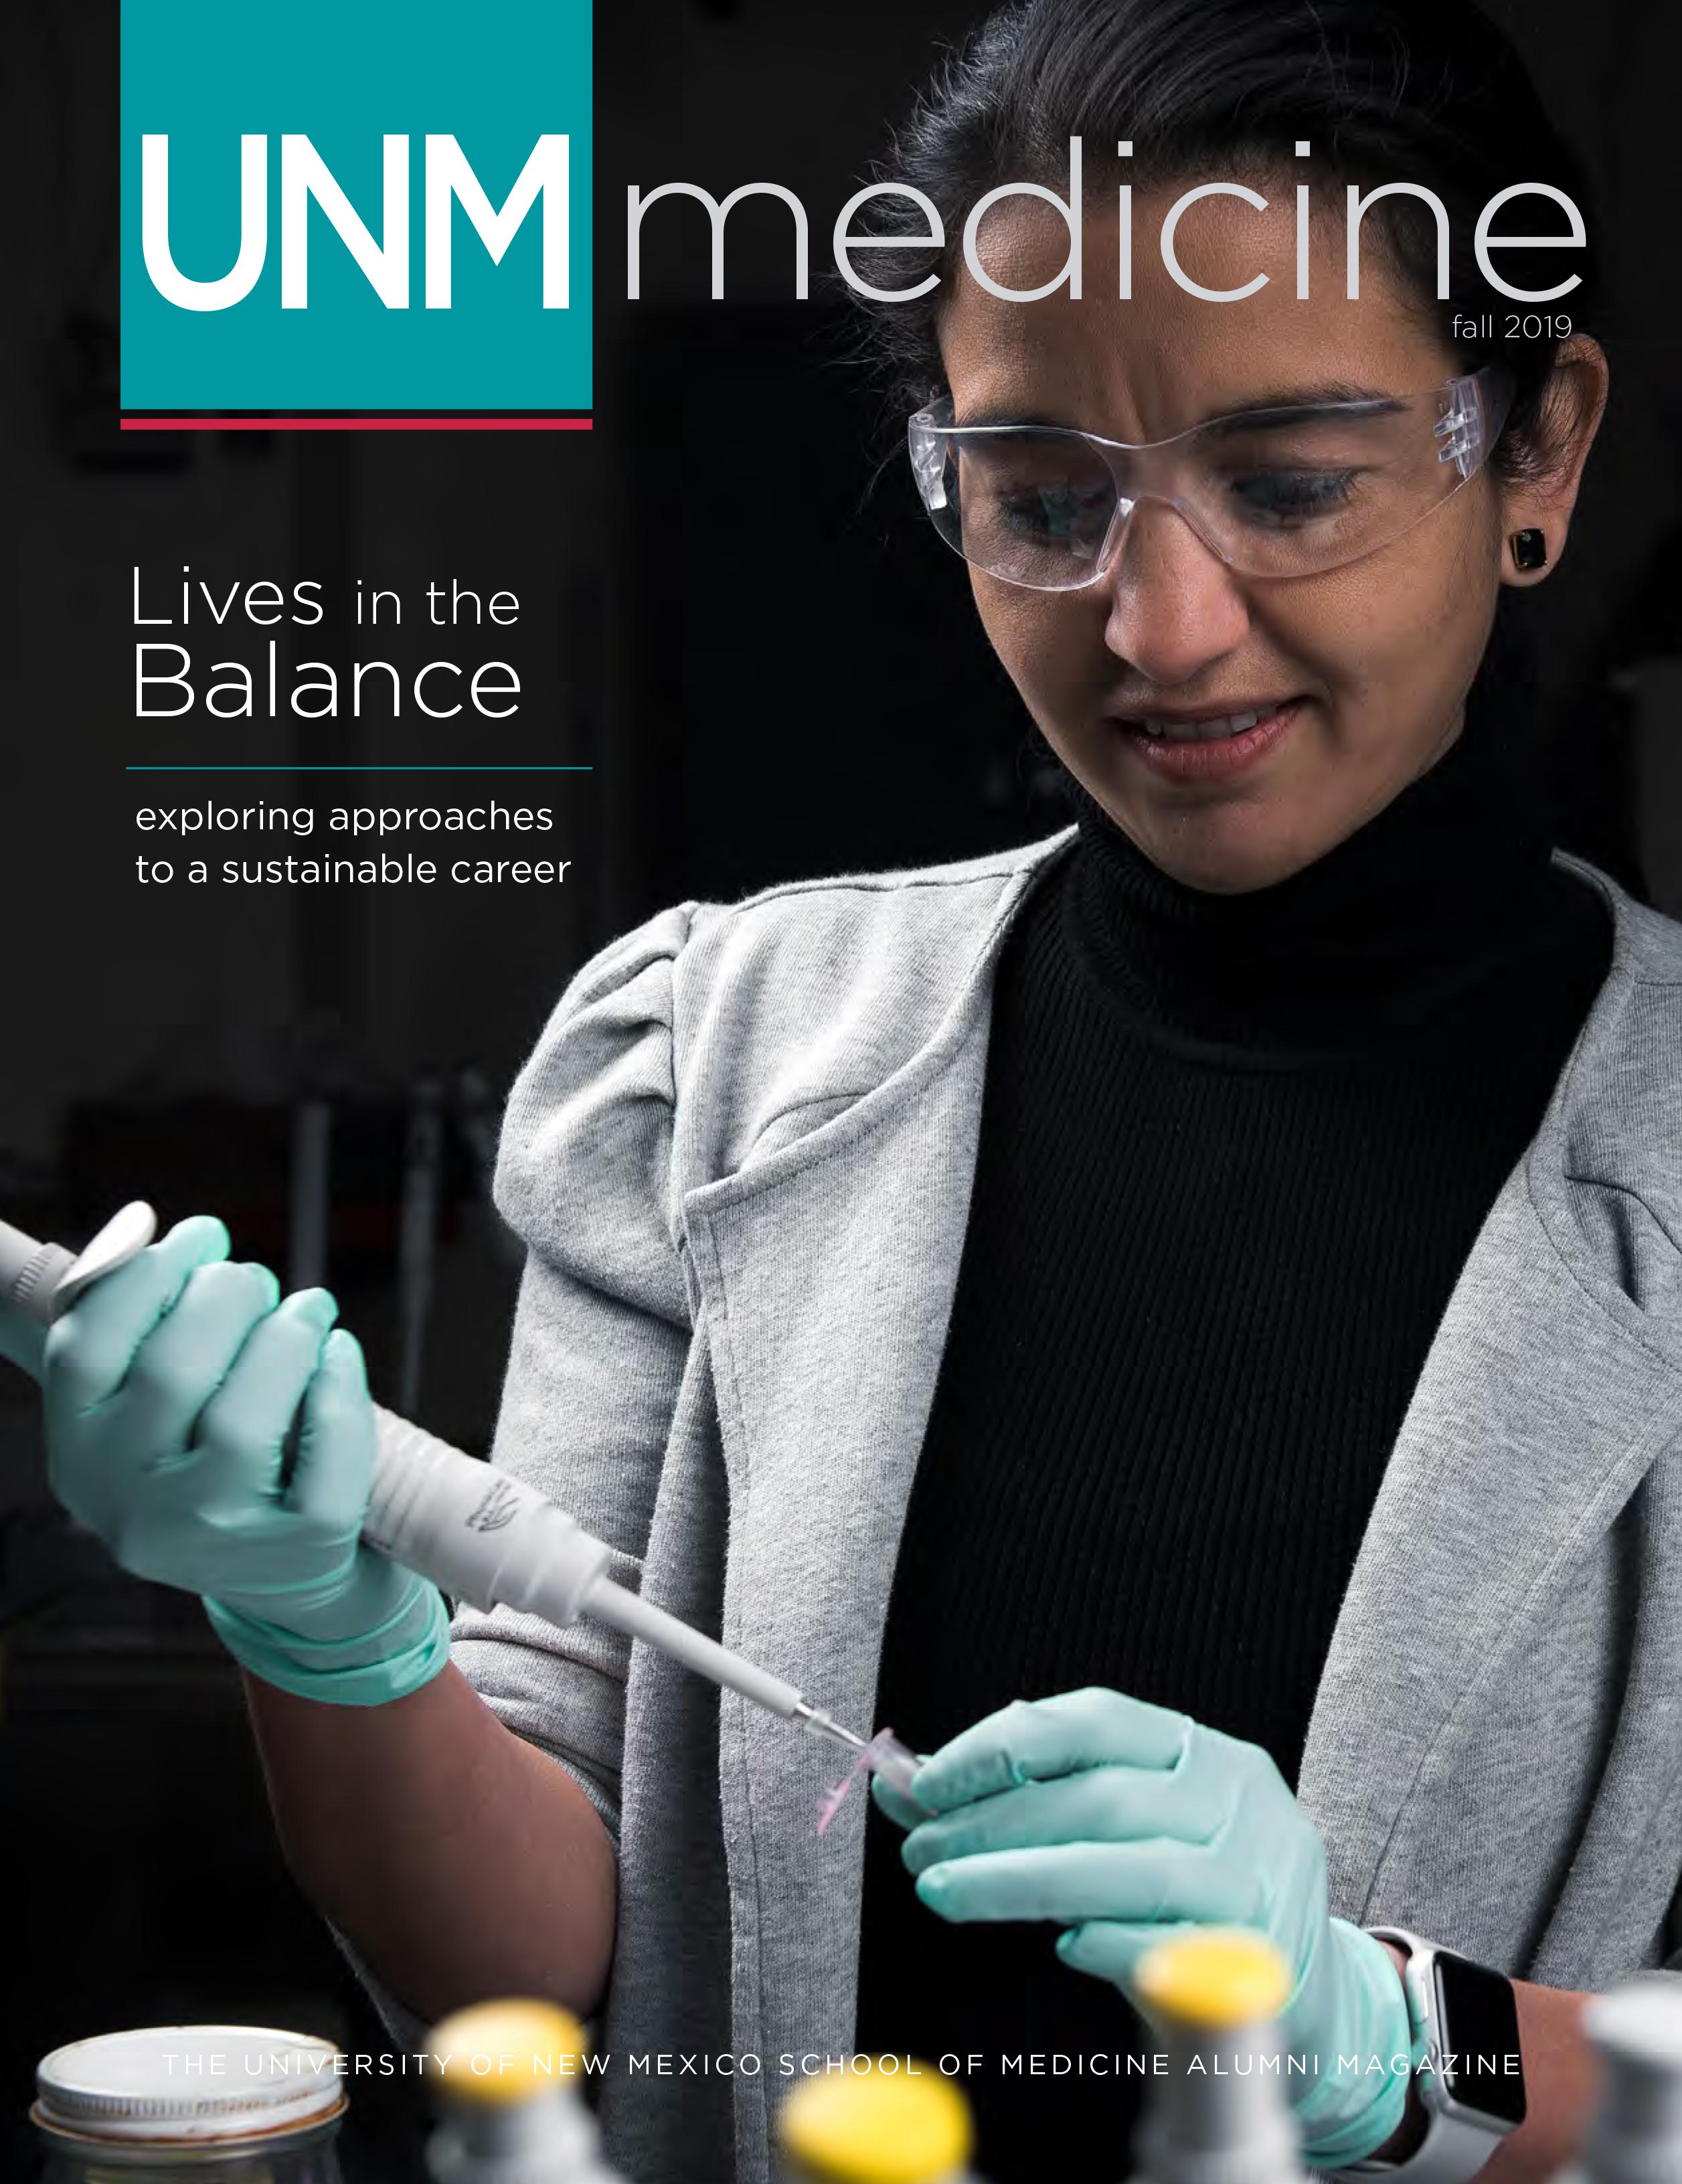 Portada de UNM Medicine Otoño 2019